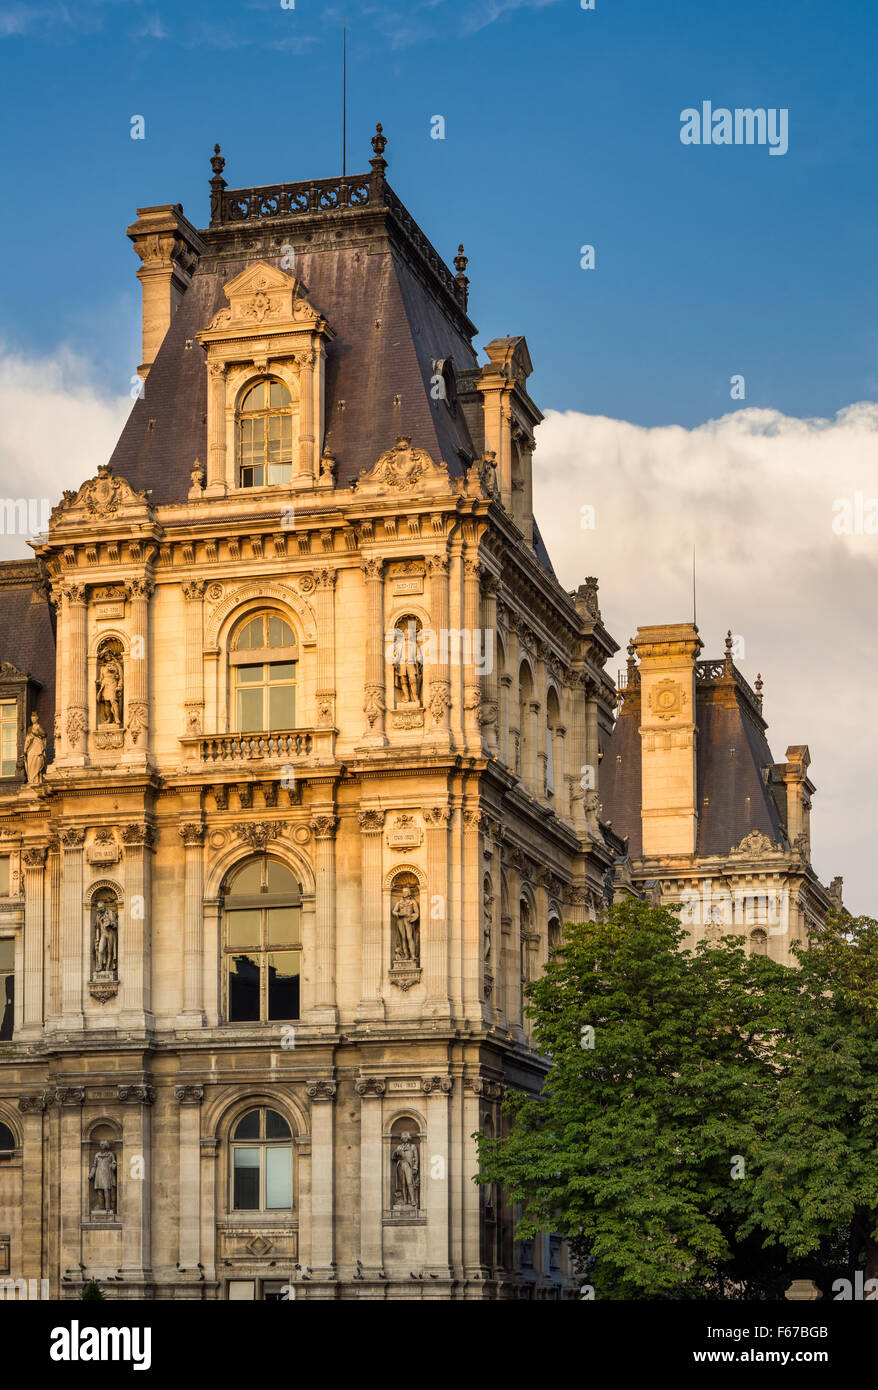 Detail der Renaissance Wiederbelebung Paris Rathaus Fassade vor Sonnenuntergang. Statuen erkennen historisch bedeutsame Stockbild